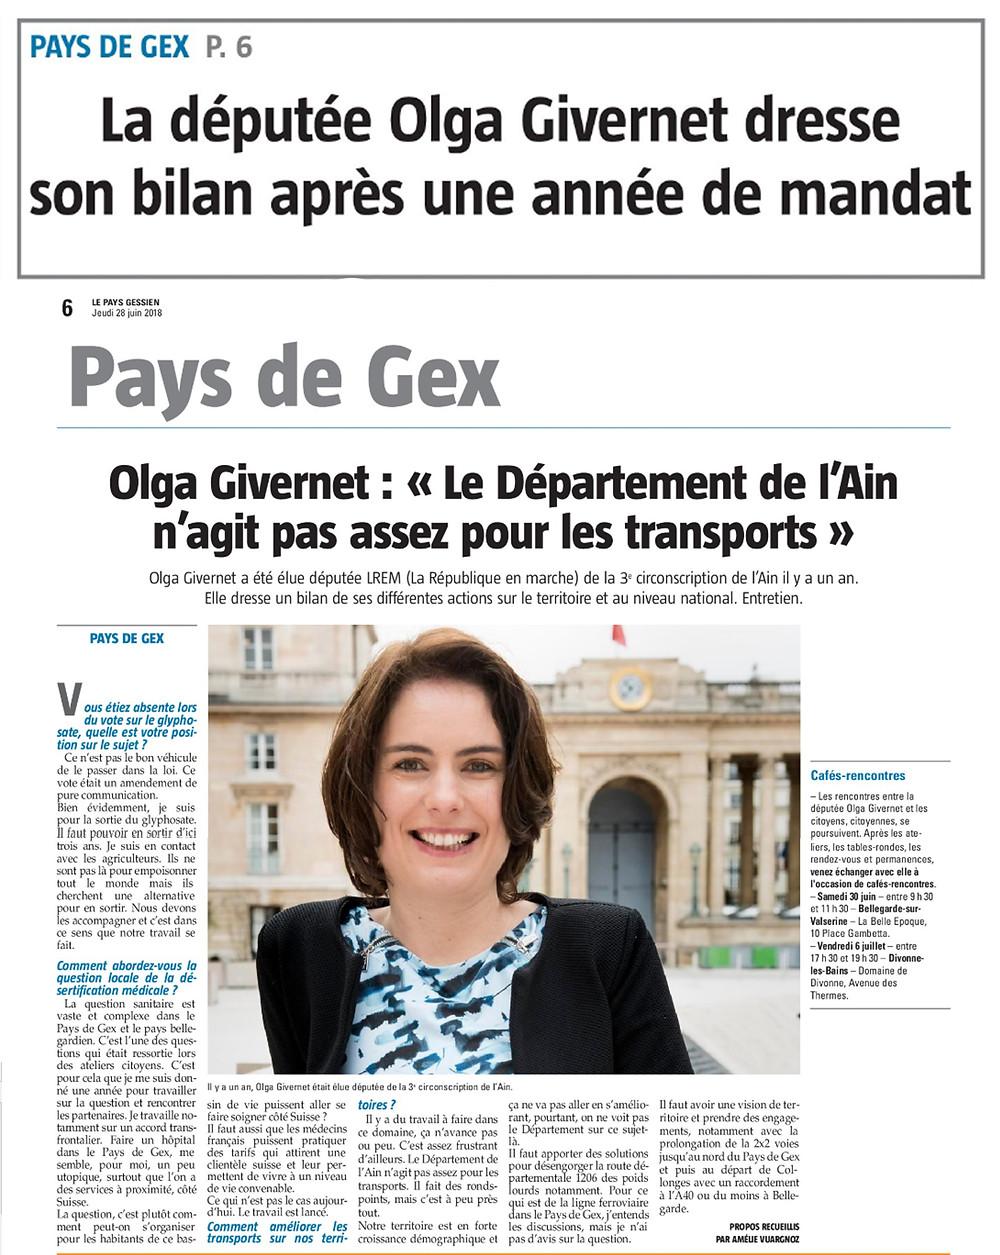 article Le Pays Gessien - Olga Givernet - 1 an de mandat